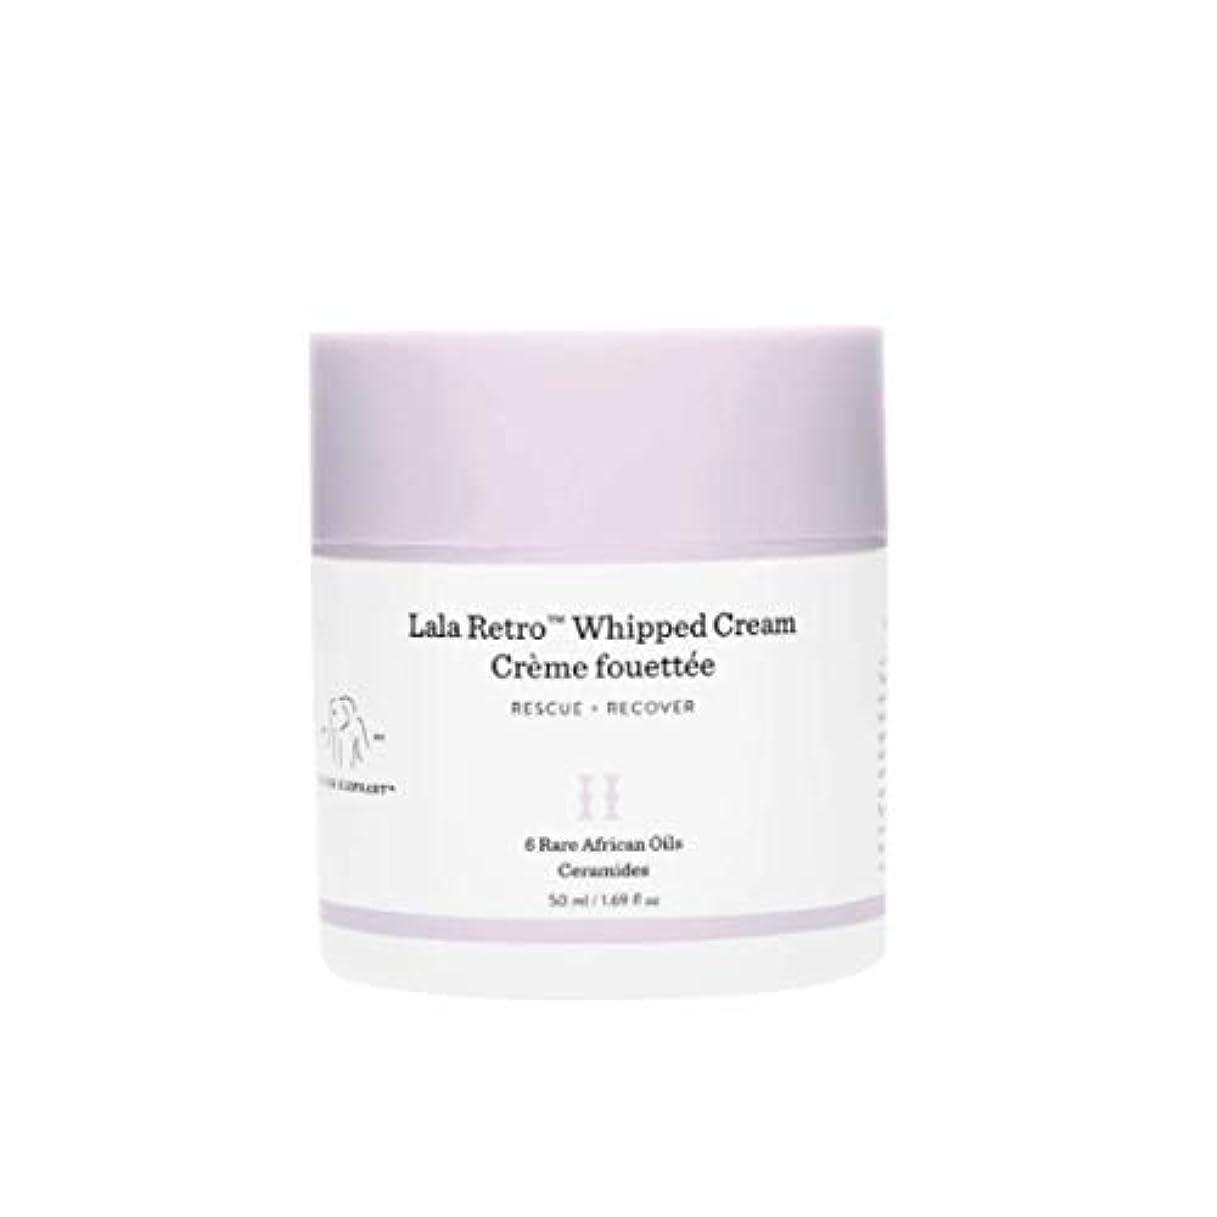 オン形成中毒DRUNK ELEPHANT Lala Retro Whipped Cream 1.69 oz/ 50 ml ドランクエレファント ララレトロ ホイップドクリーム 1.69 oz/ 50 ml